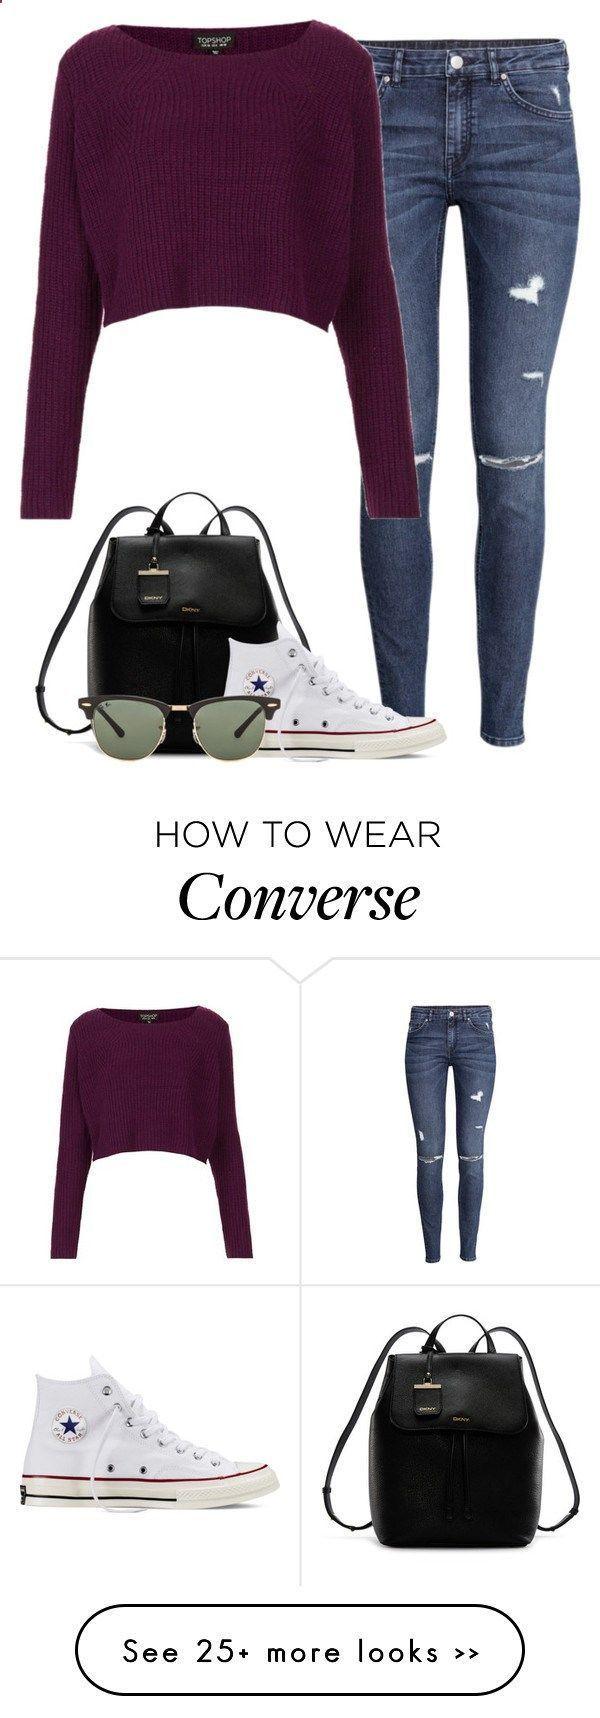 Holen Sie sich die komplette Lösung mit dkny Kleidern